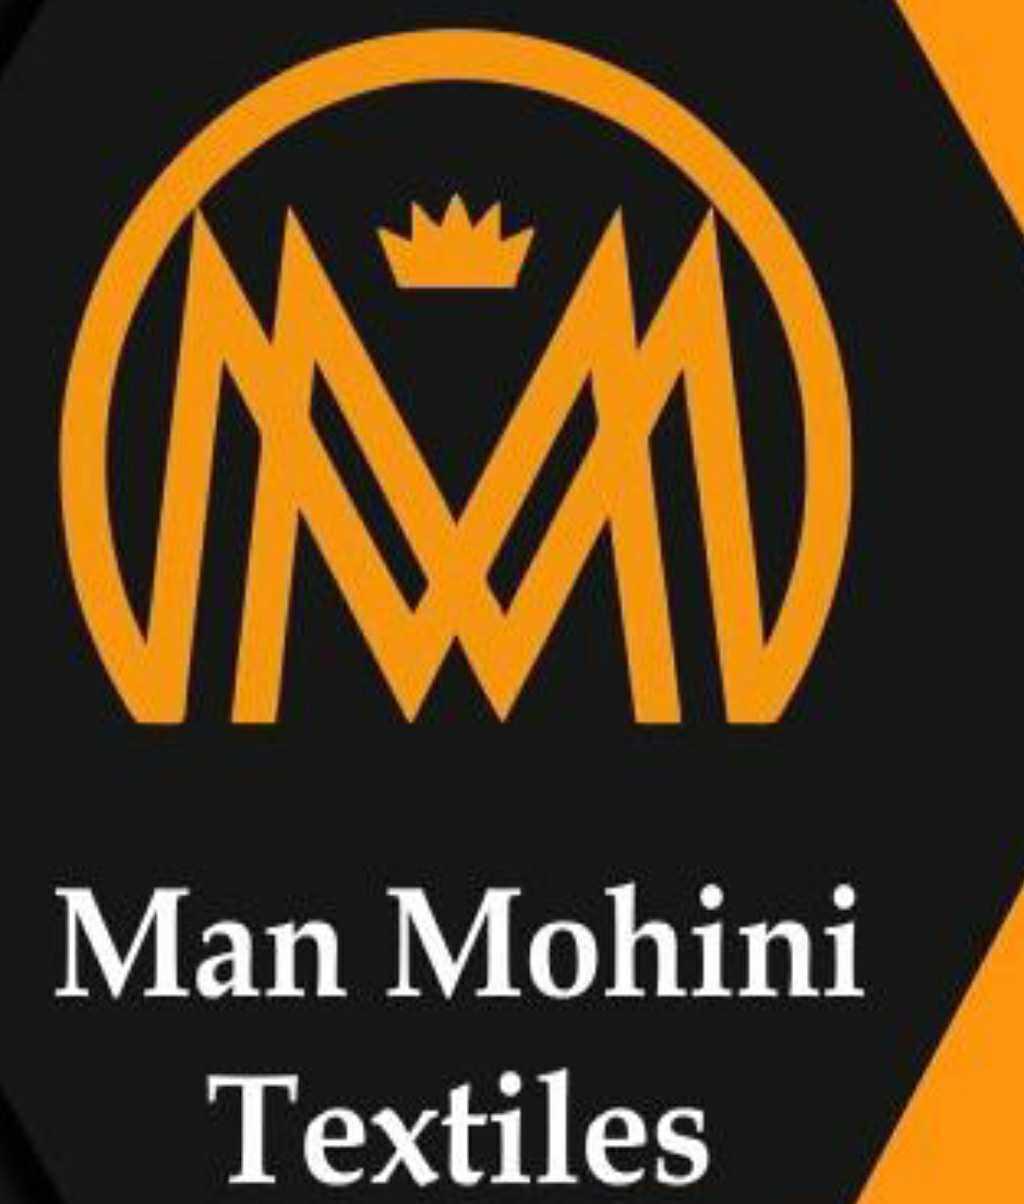 MAN MOHINI TEXTILES